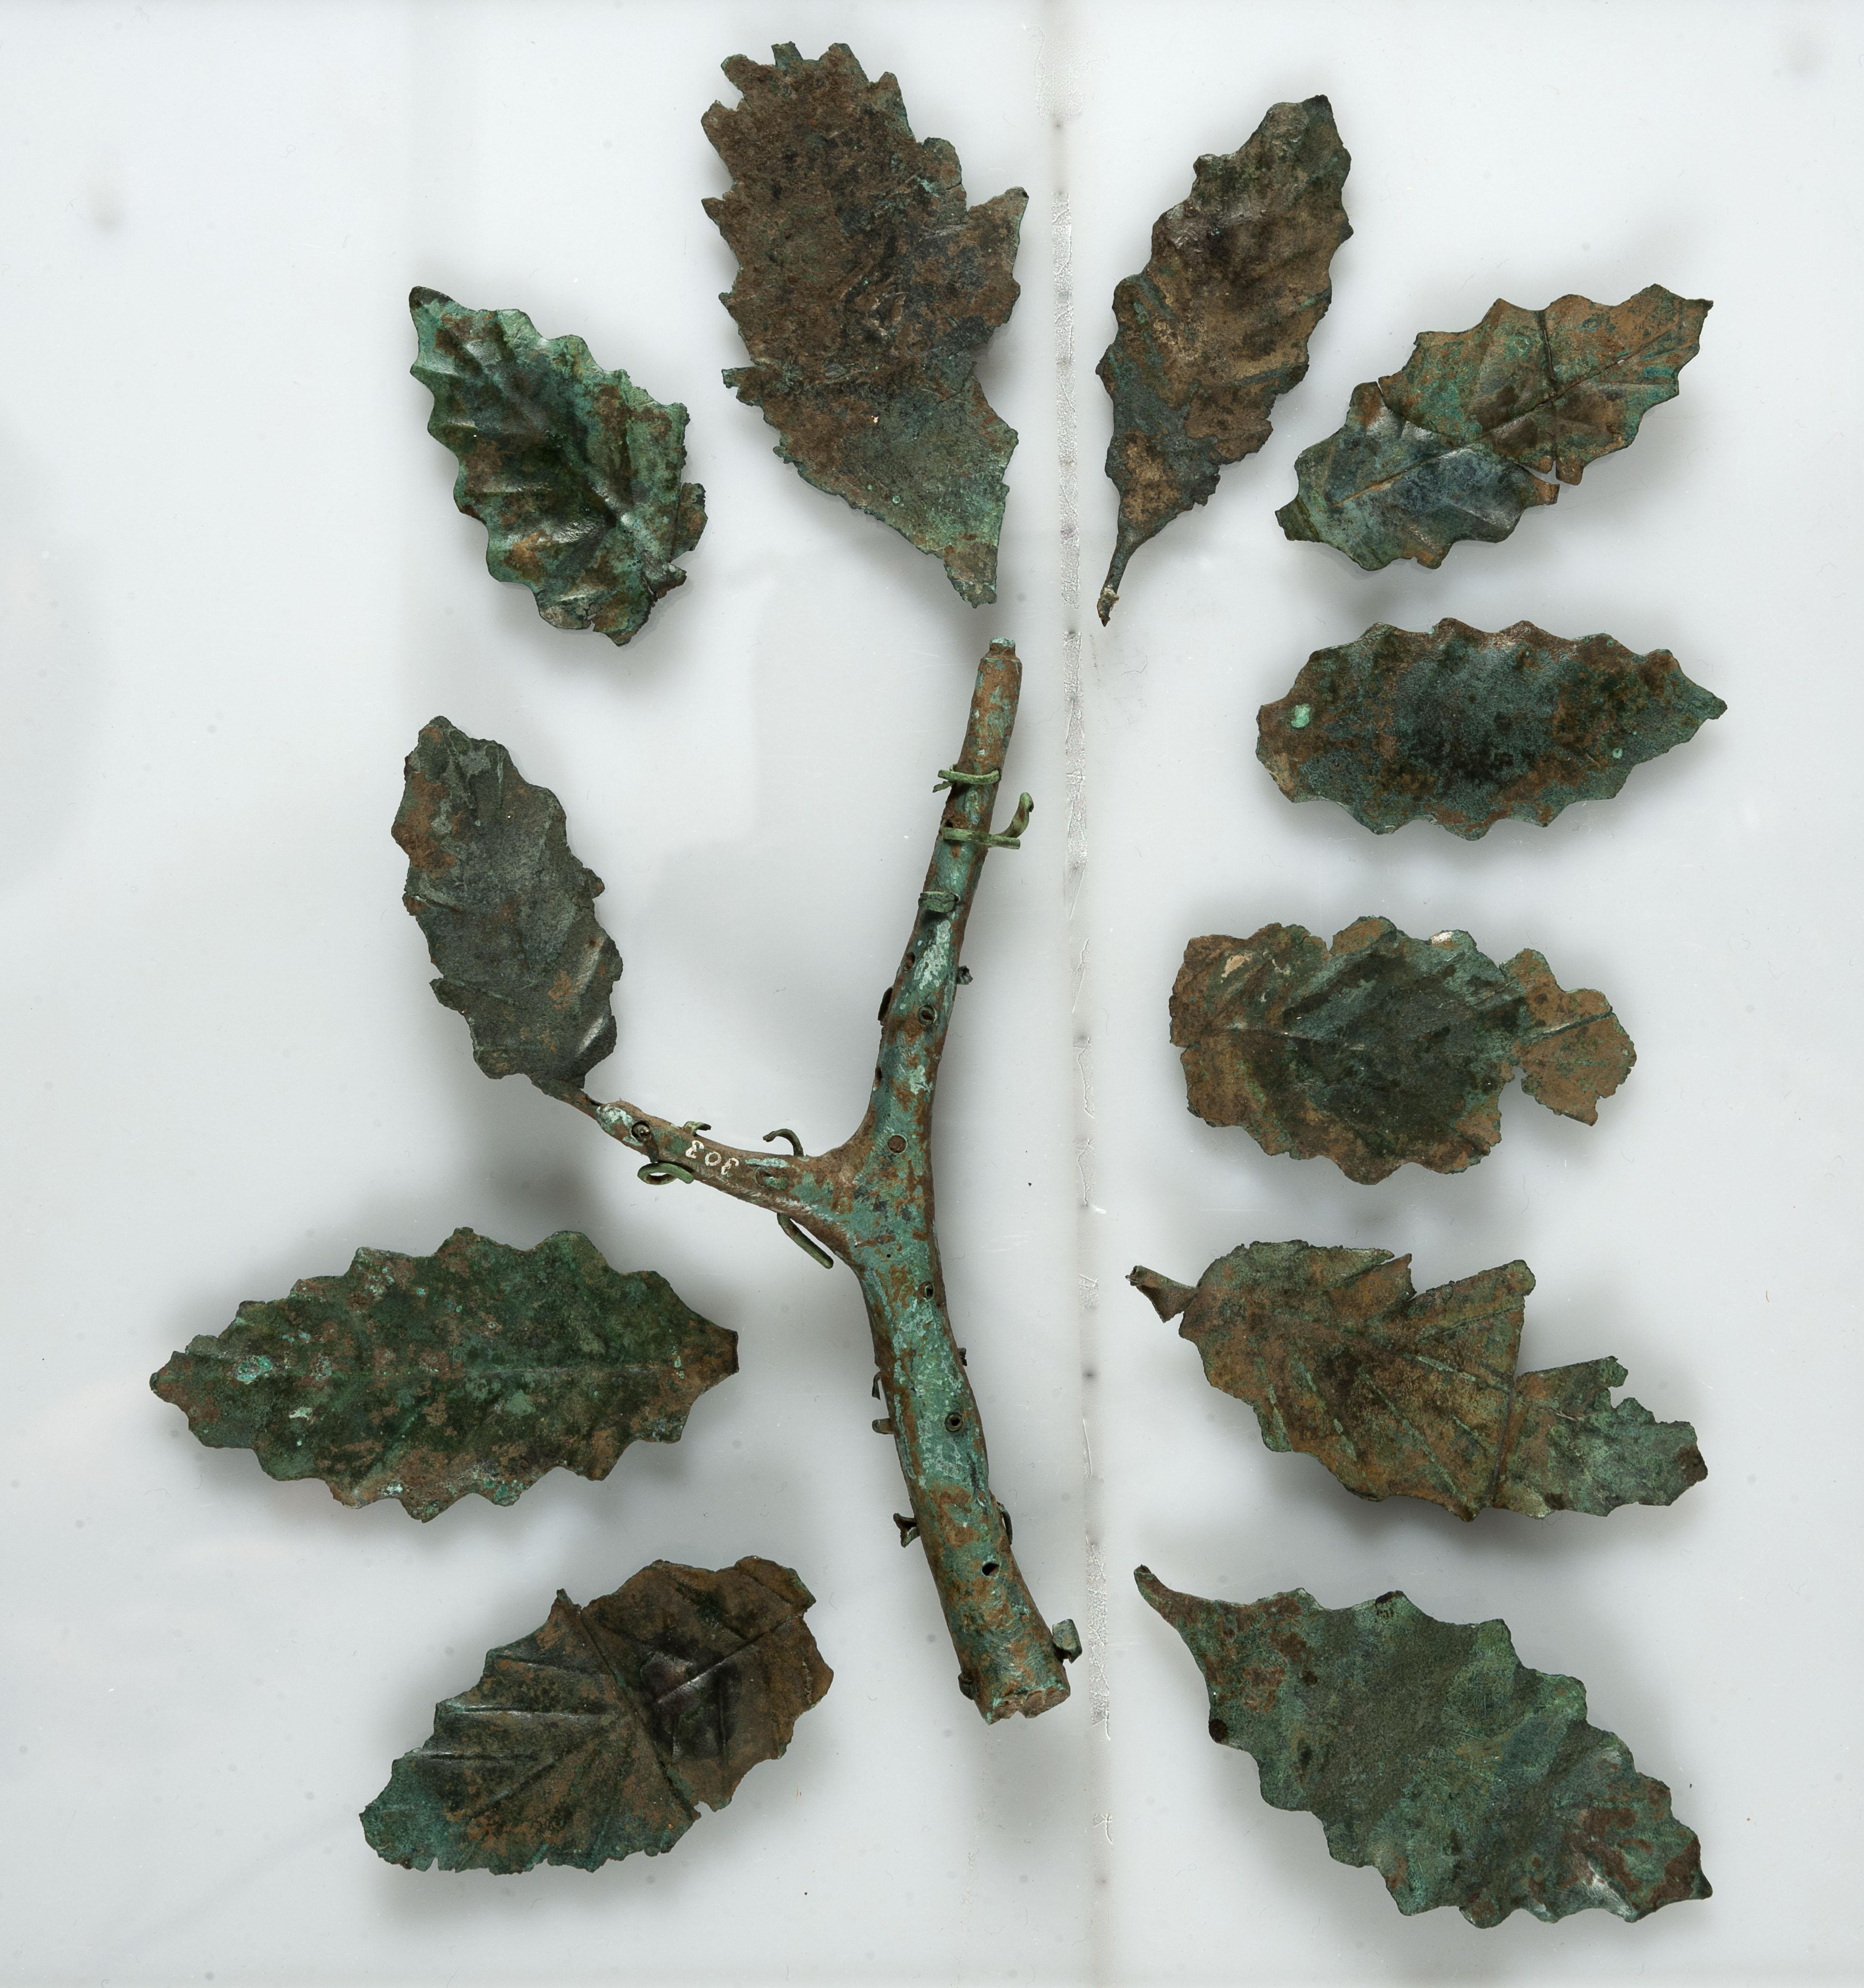 Κλαδί και φύλλα δρυός. Η μαντική δρυς ήταν η κατοικία του Δία στην Δωδώνη. 4ος - 3ος αι π.Χ.